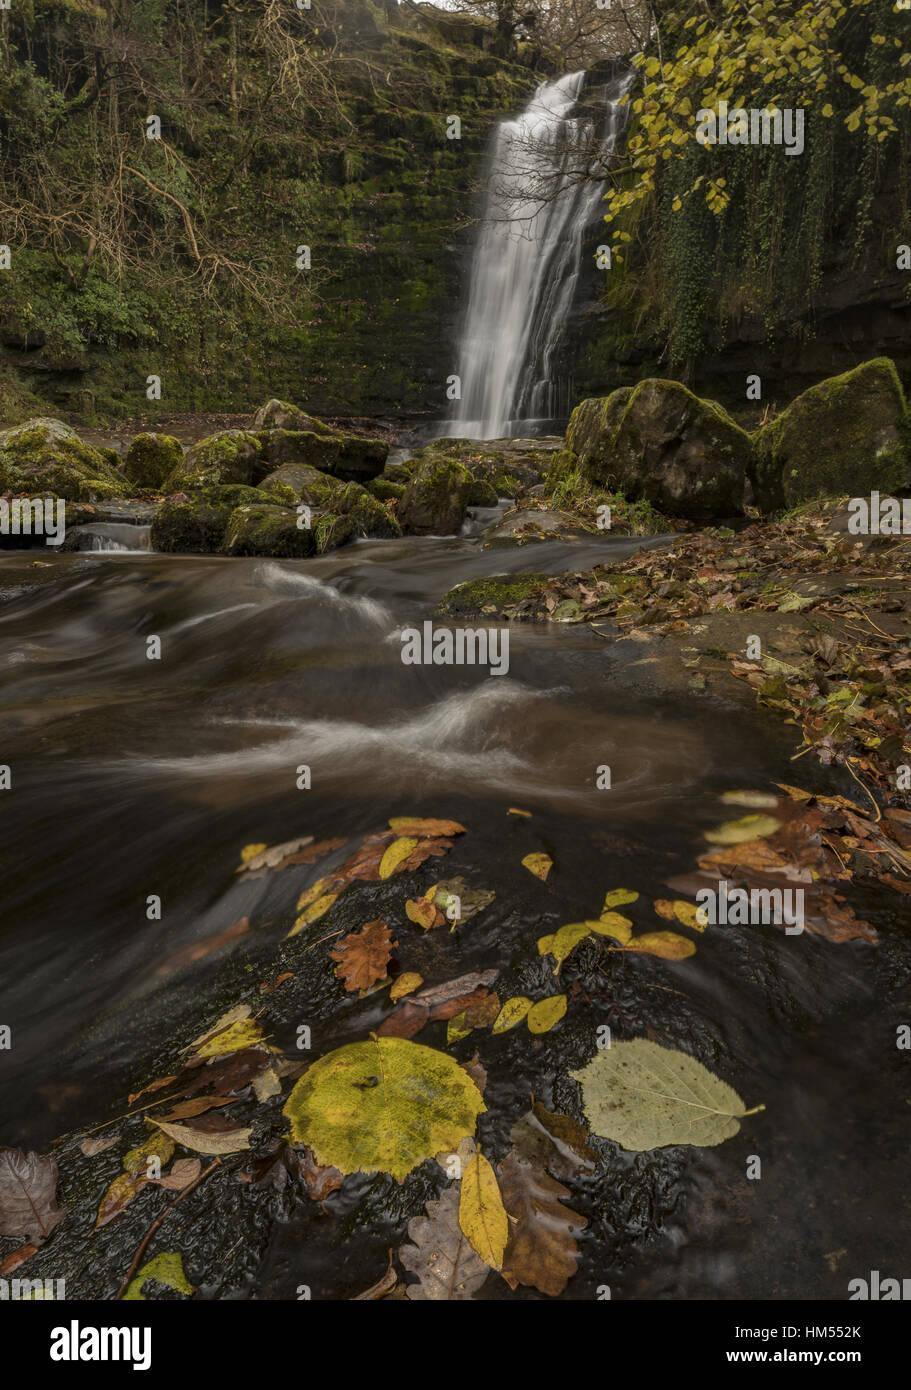 Einer der Blaen y Glyn Wasserfälle, auf dem Fluss Caerfanell, (Nebenfluss des Usk), mit abgefallenen Blättern; Brecon Beacons. Stockfoto